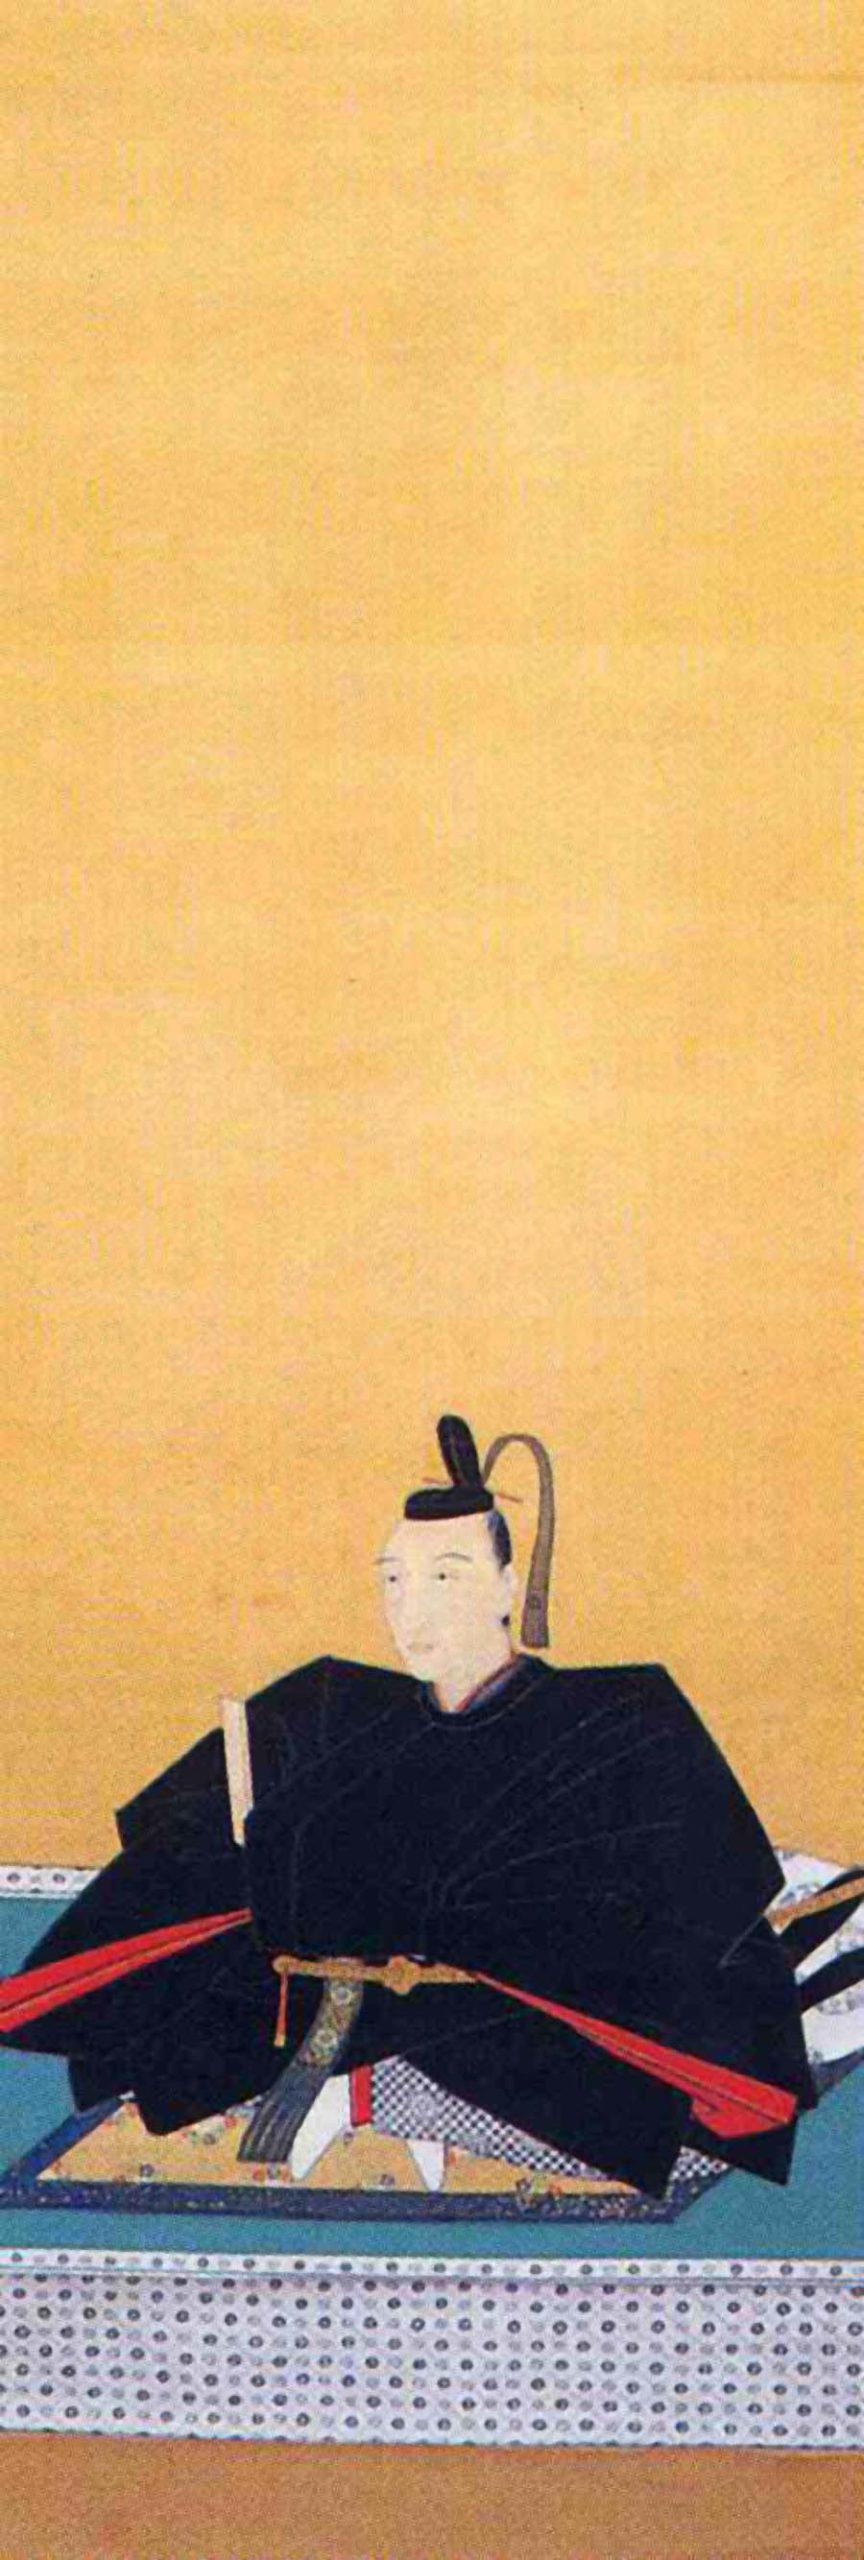 織田信長図像(兵庫県氷上町 所蔵)